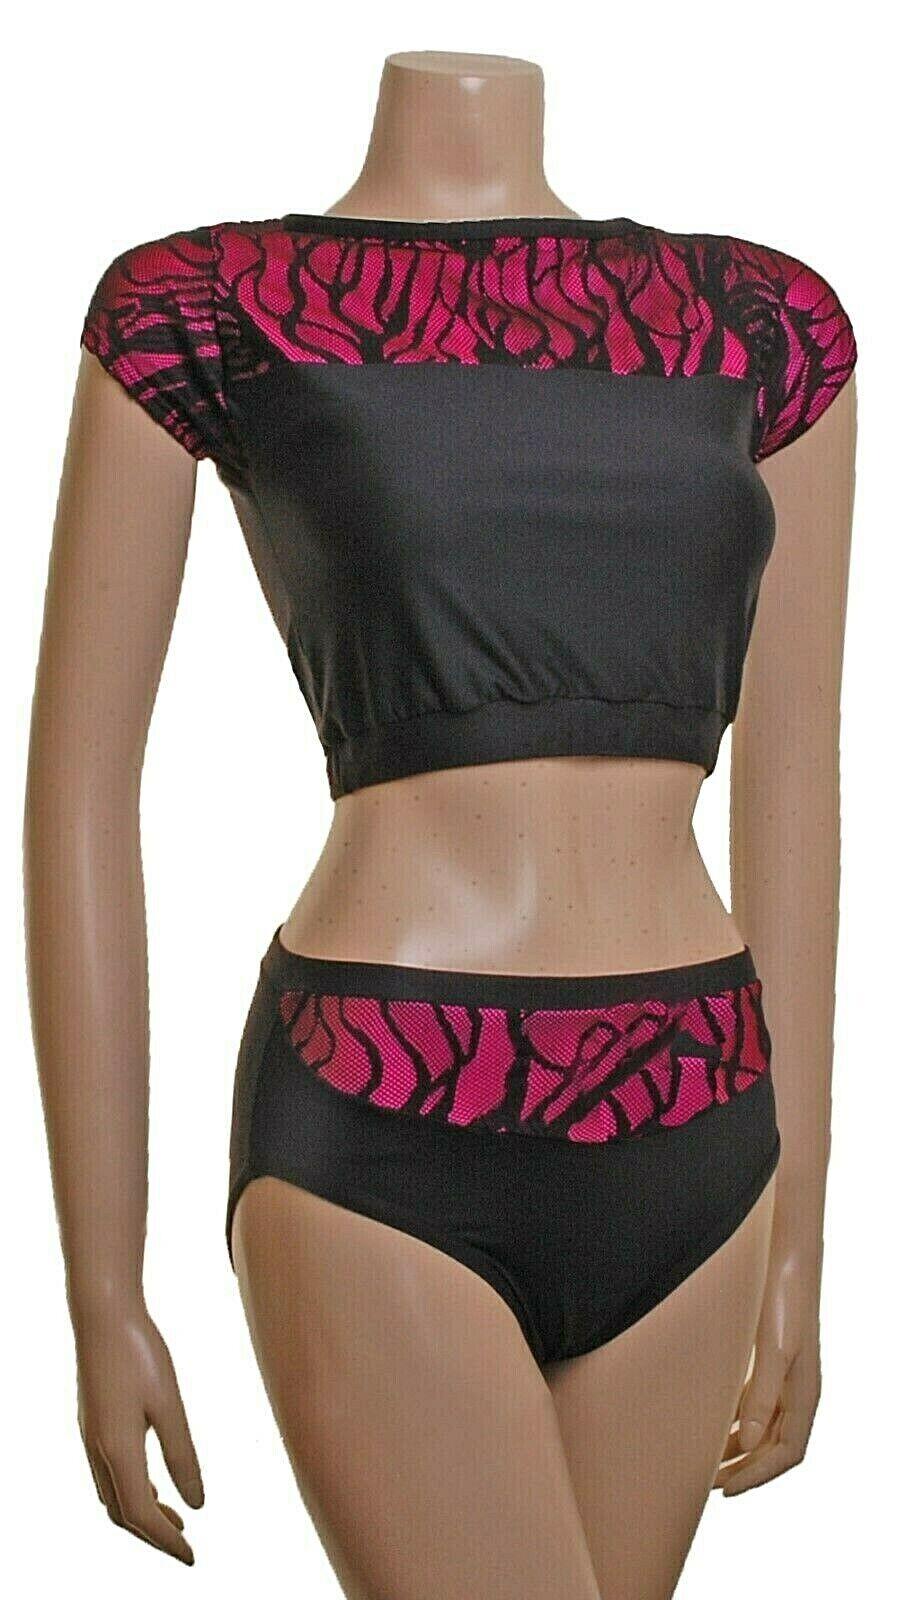 Pole Tanz Fitness Wear Dynamix Top & & & Nix Schwarz Meryl   Fluoreszierend Rosa   207ae5